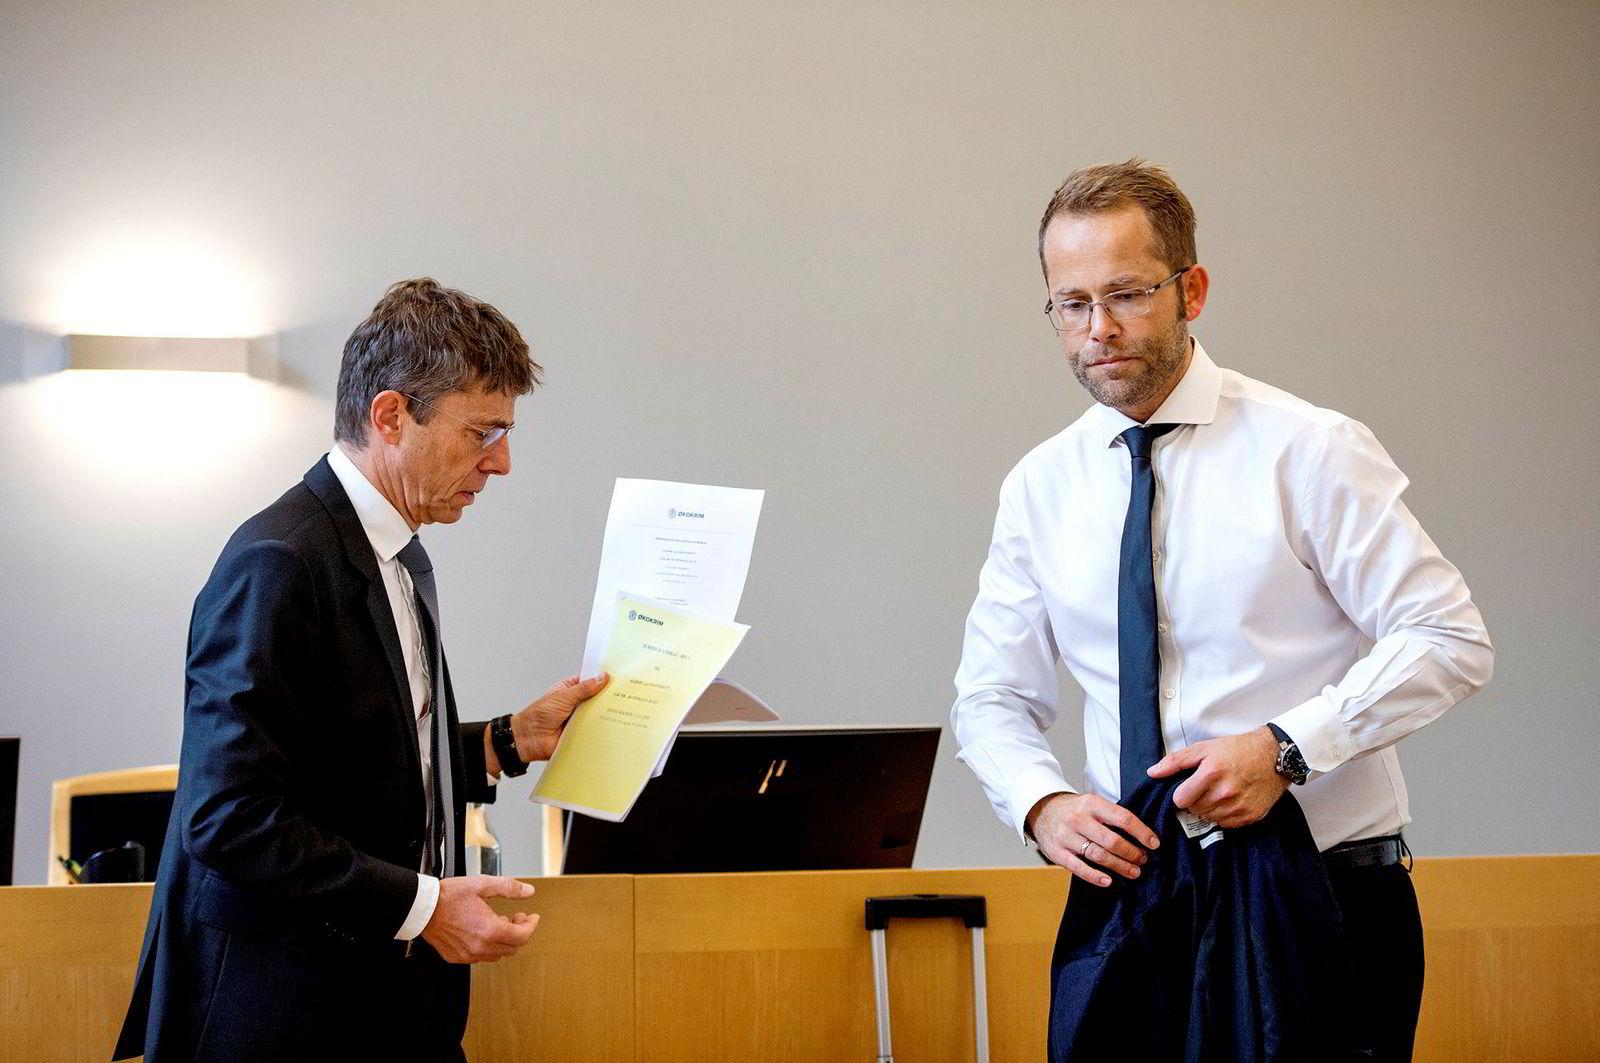 Hanne Madsens forsvarer Max Henrik Jespersen fra advokatfirmaet Elden (til høyre) sammen med aktor i straffesaken mot Madsen, hans Tore Høviskeland i Økokrim, da lagmannsretten behandlet straffesaken tidligere i høst.